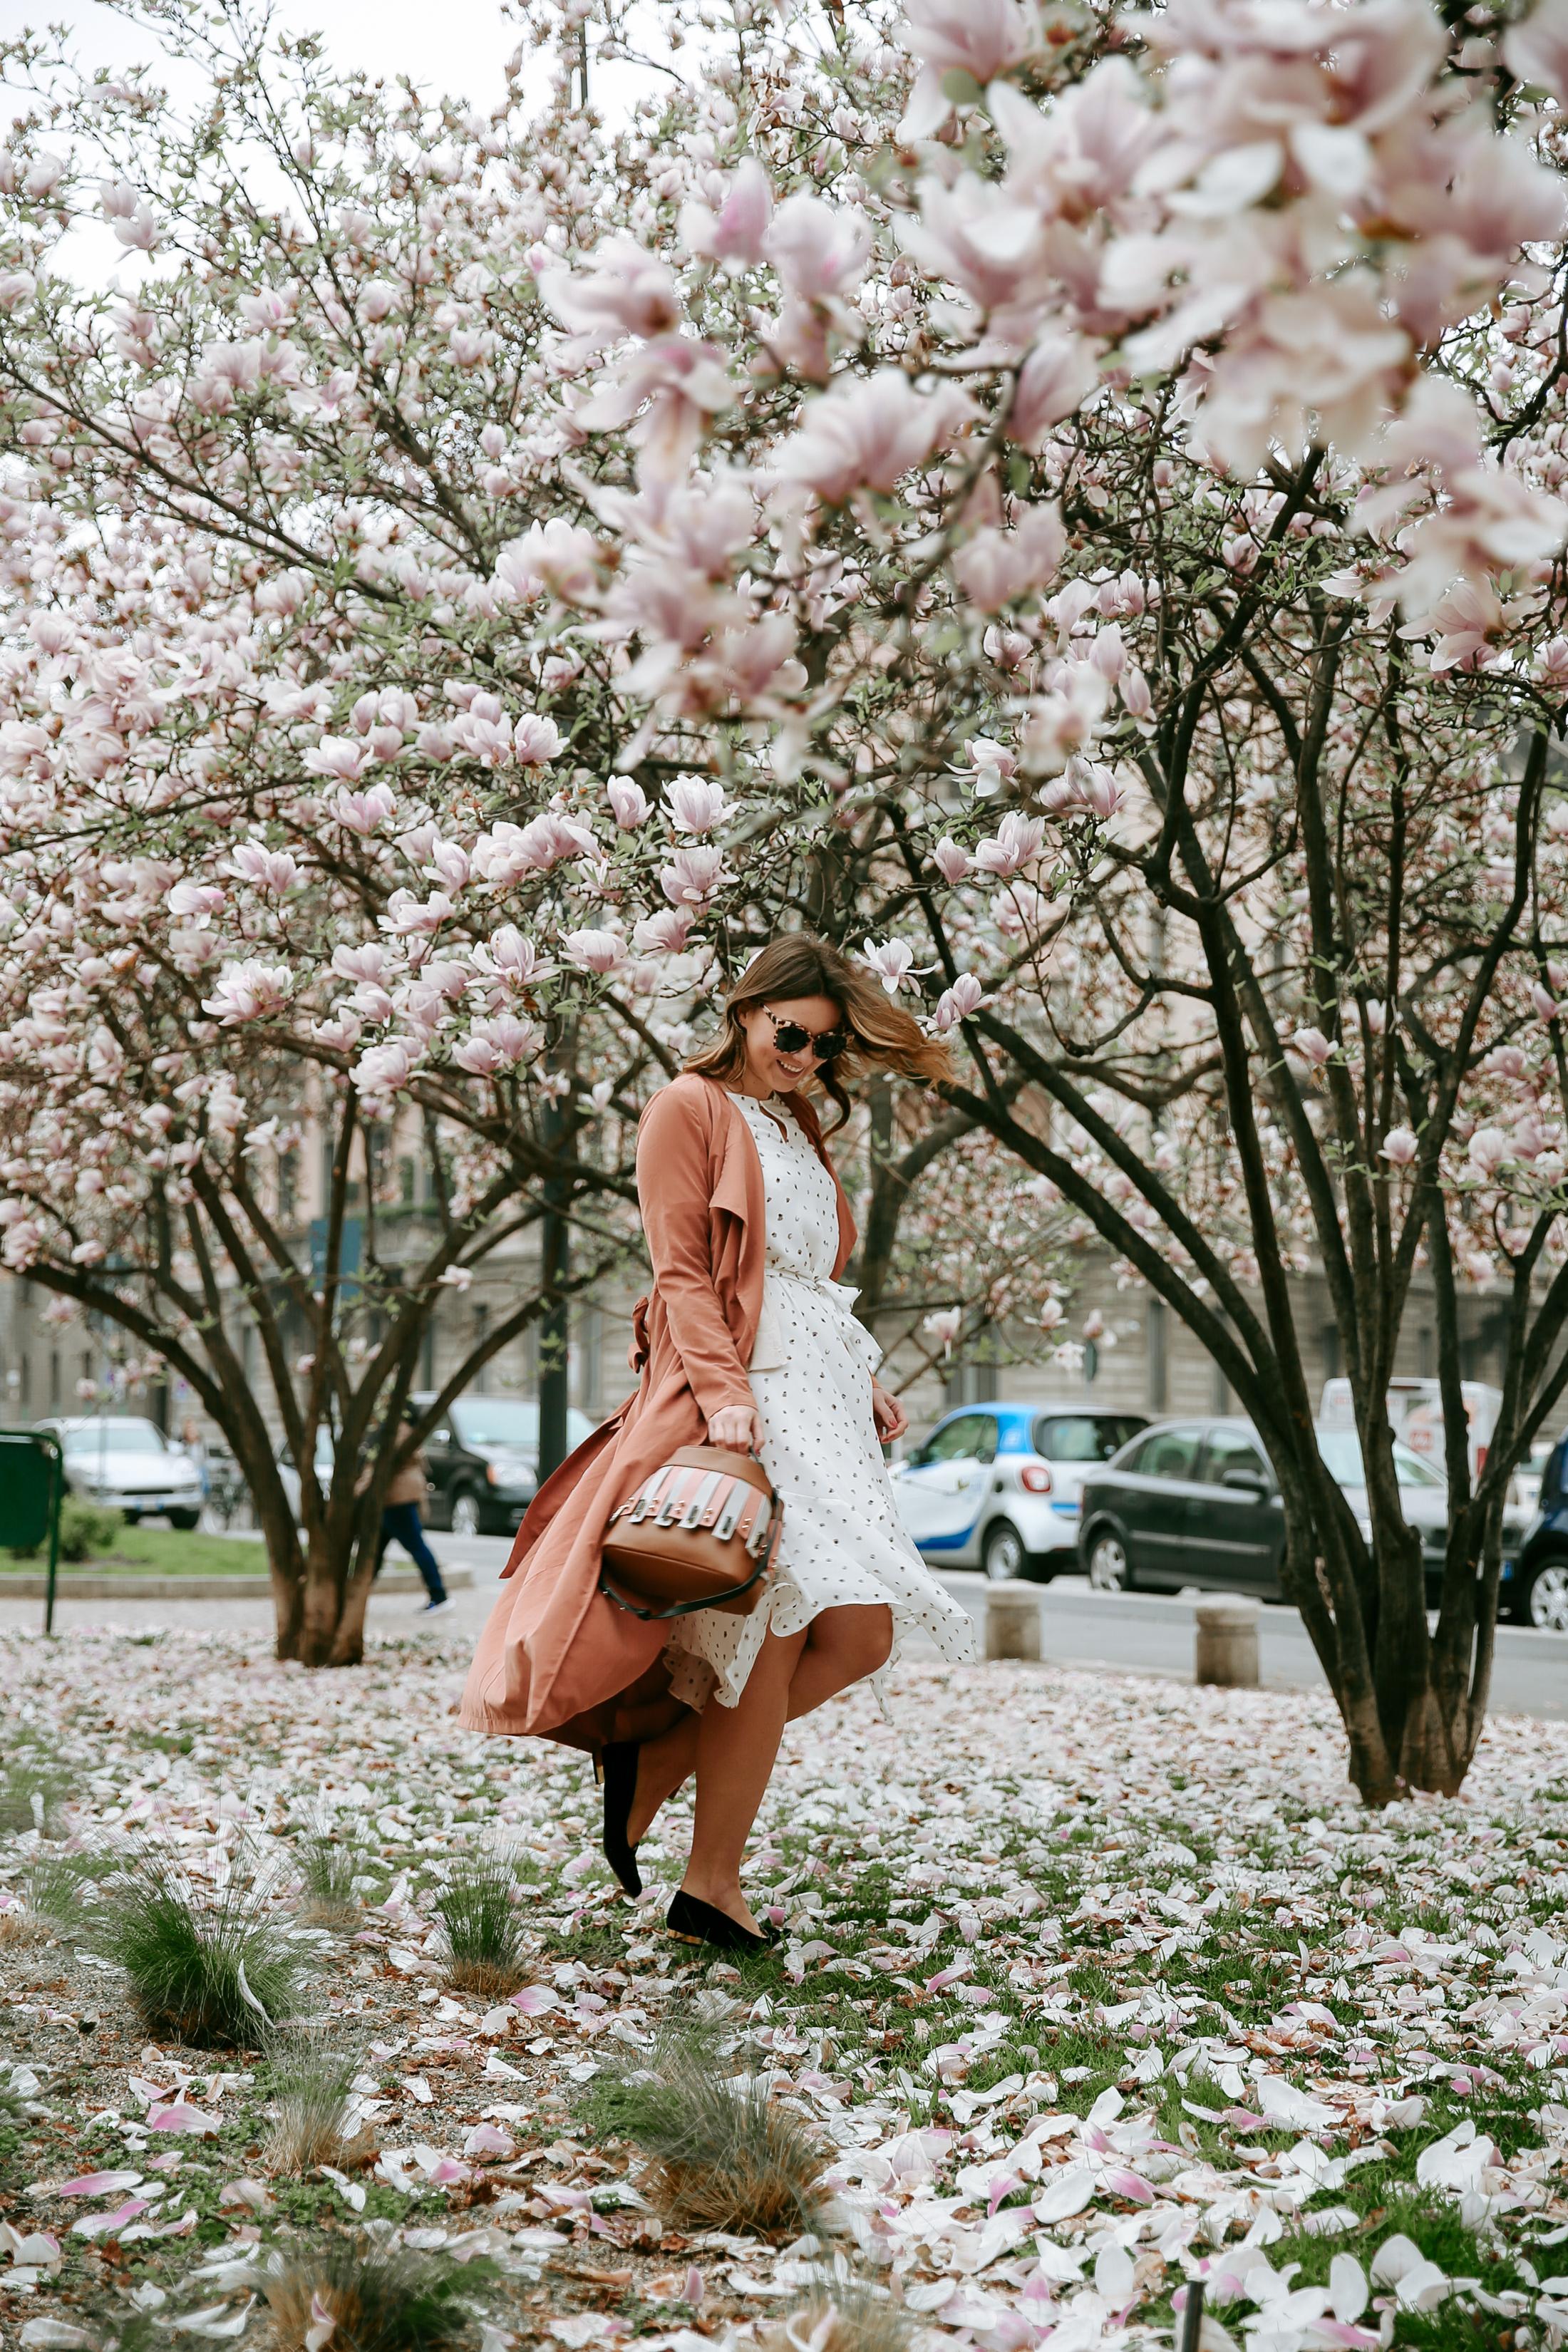 spring-blooms-milano-6854